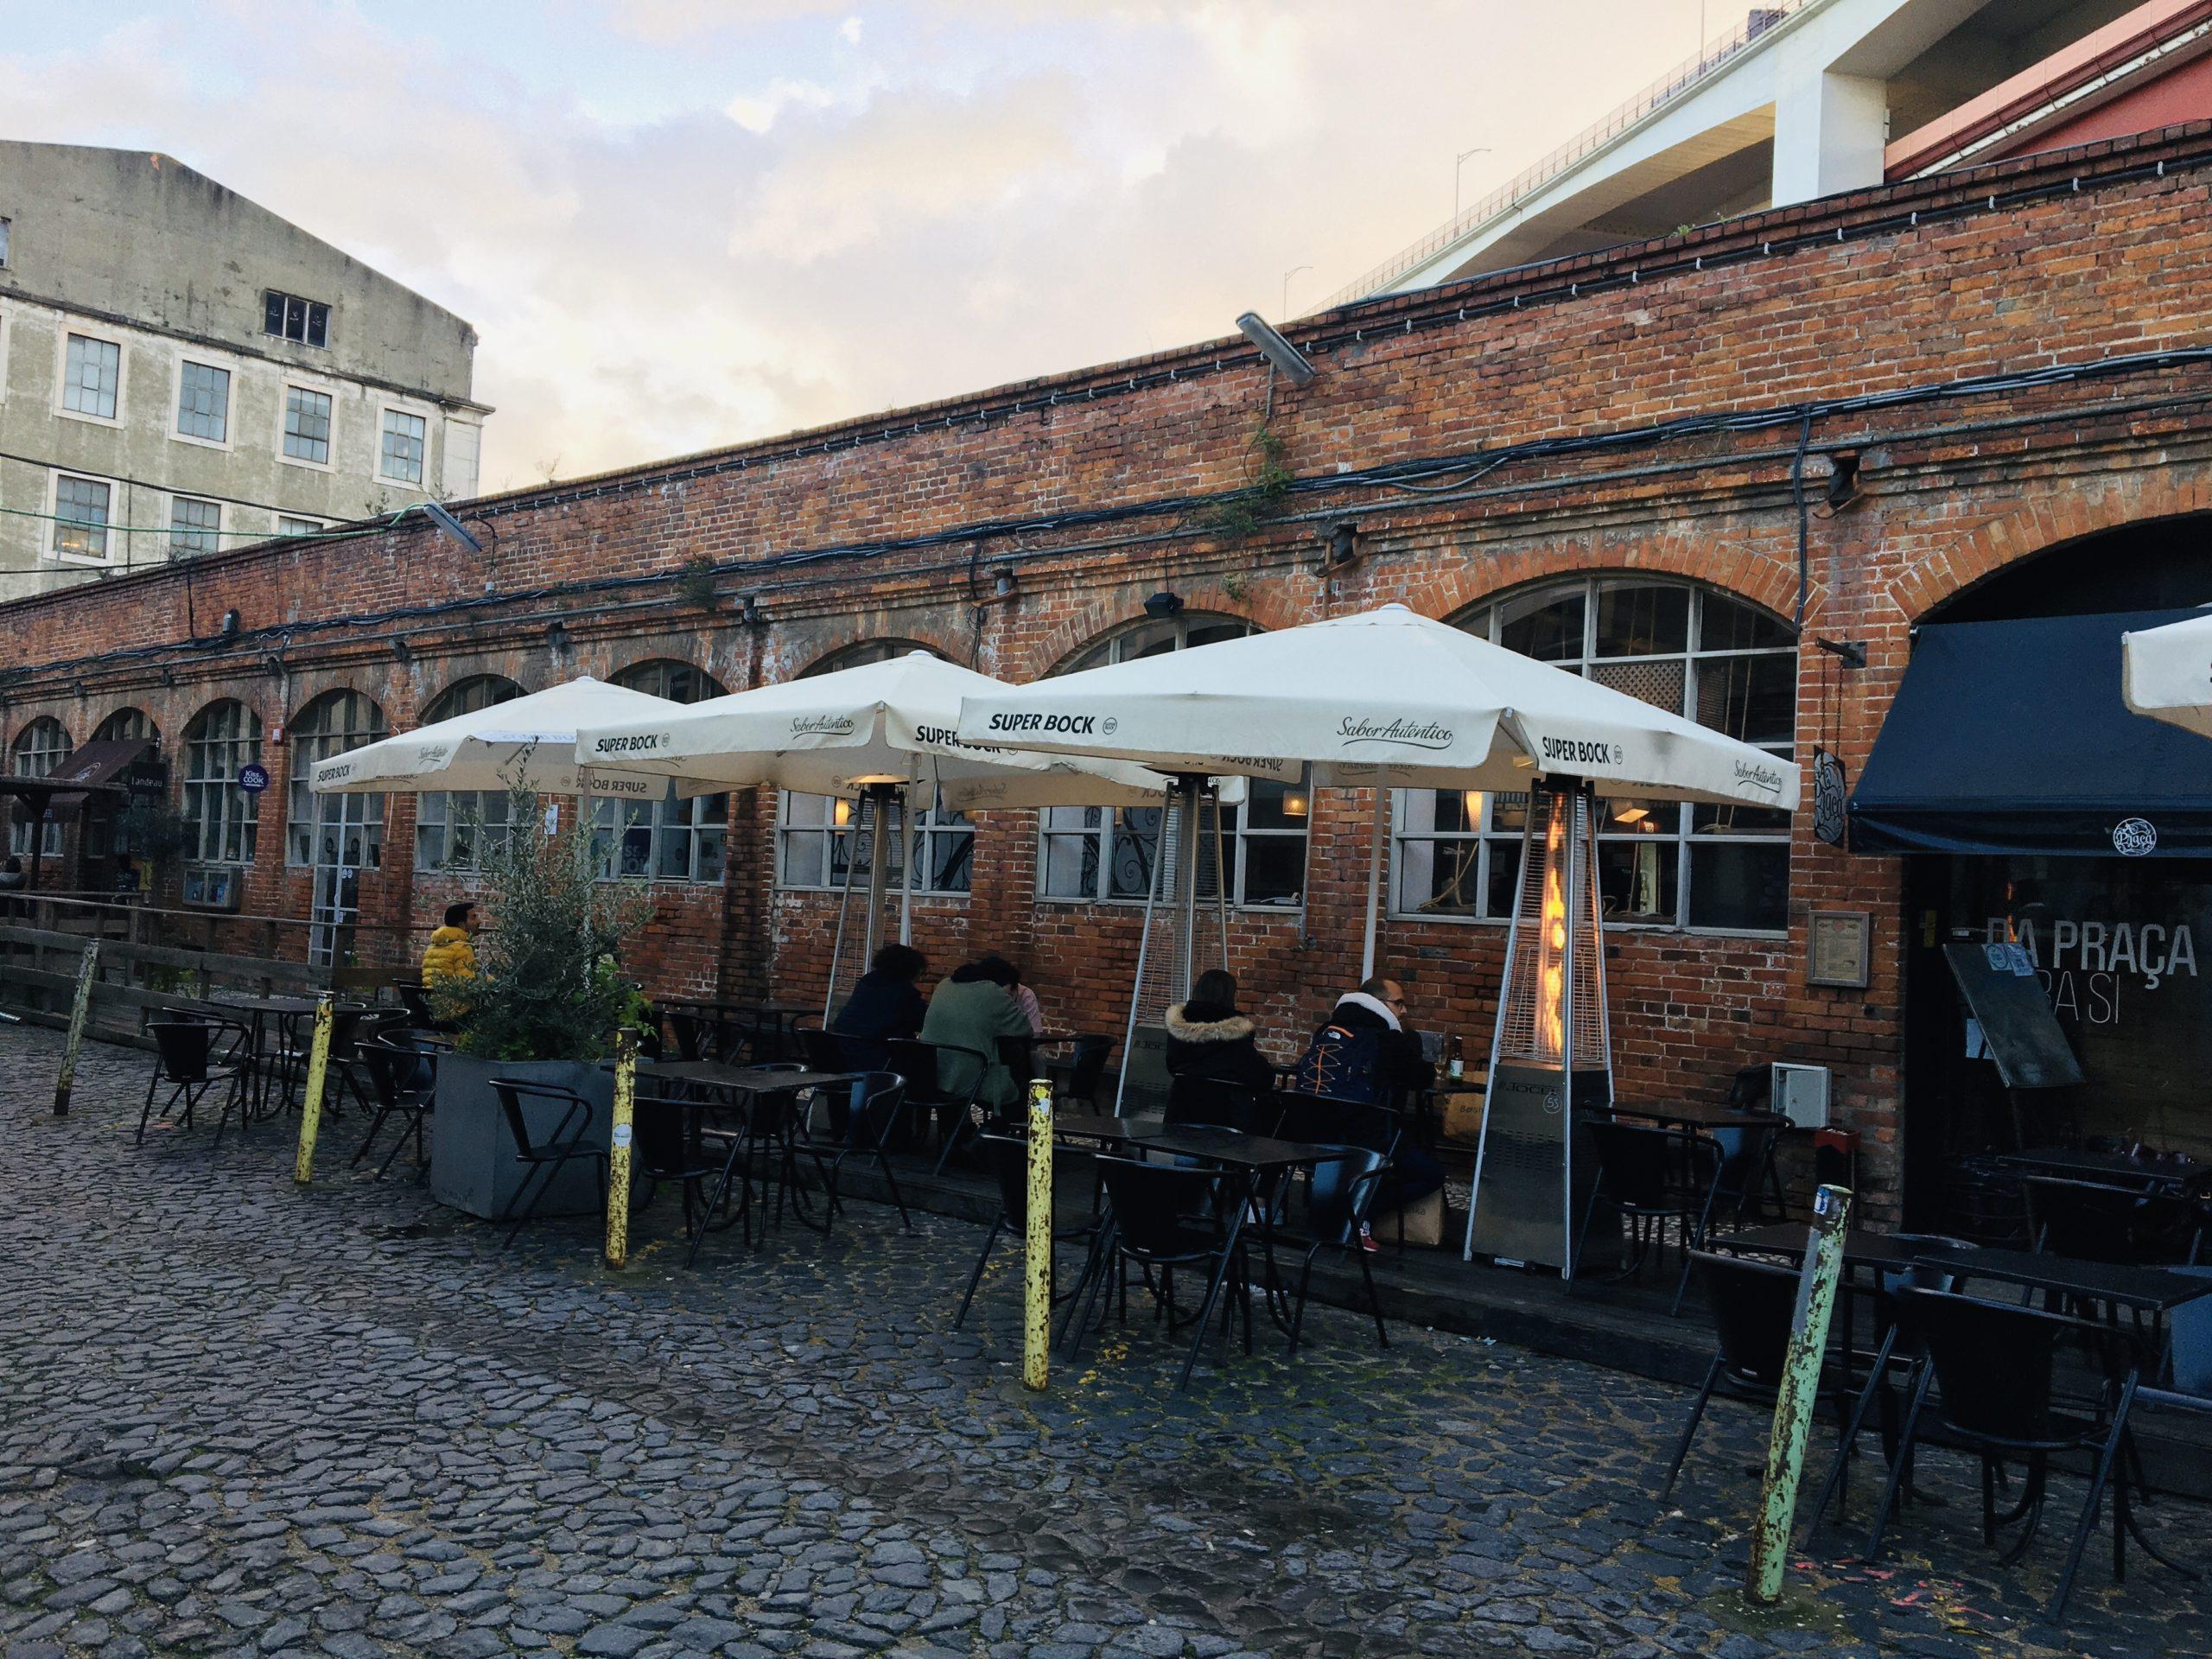 bar avec parasal et mur en brique